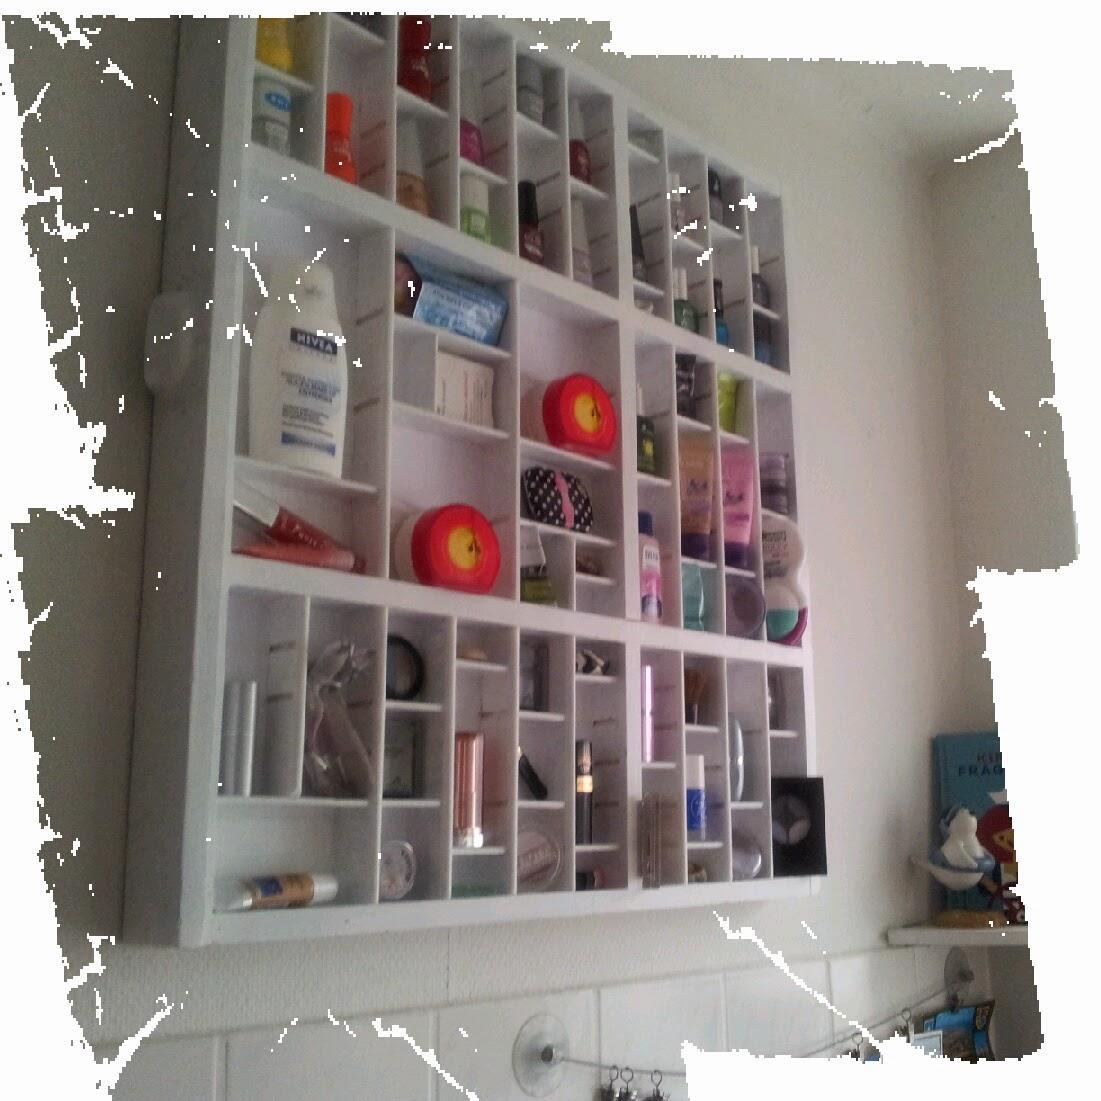 geschichtenzettelkasten bastelstunde der kosmetik setzkasten. Black Bedroom Furniture Sets. Home Design Ideas